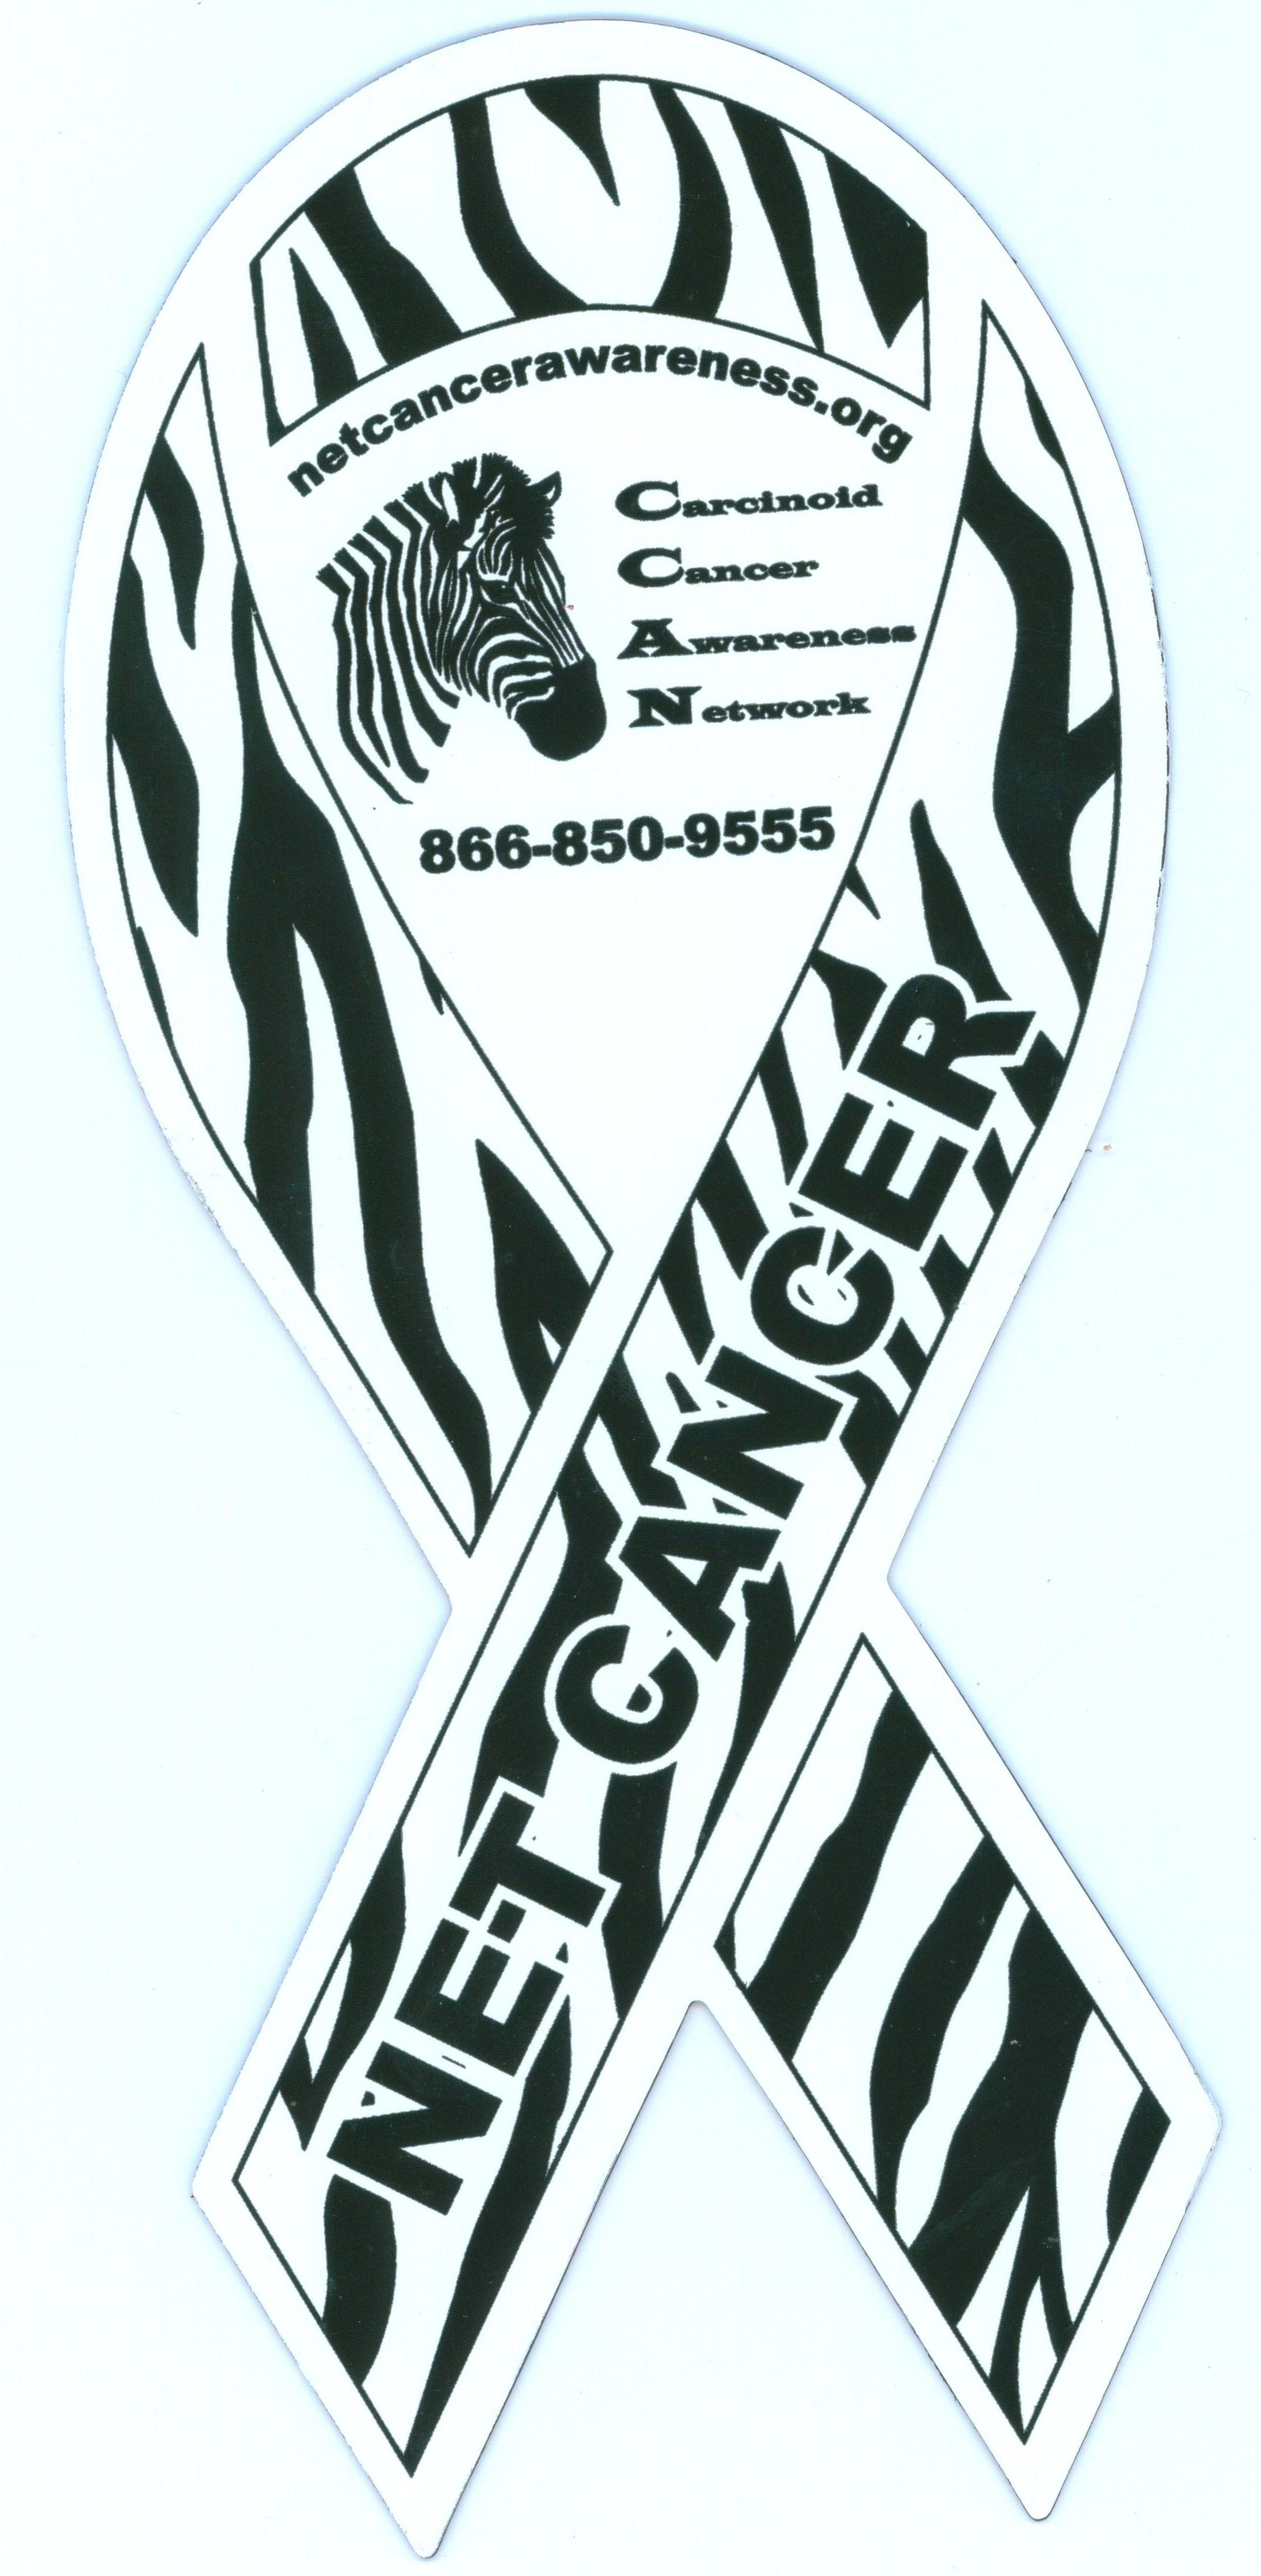 Neuroendocrine cancer zebra - Neuroendocrine cancer awareness network,